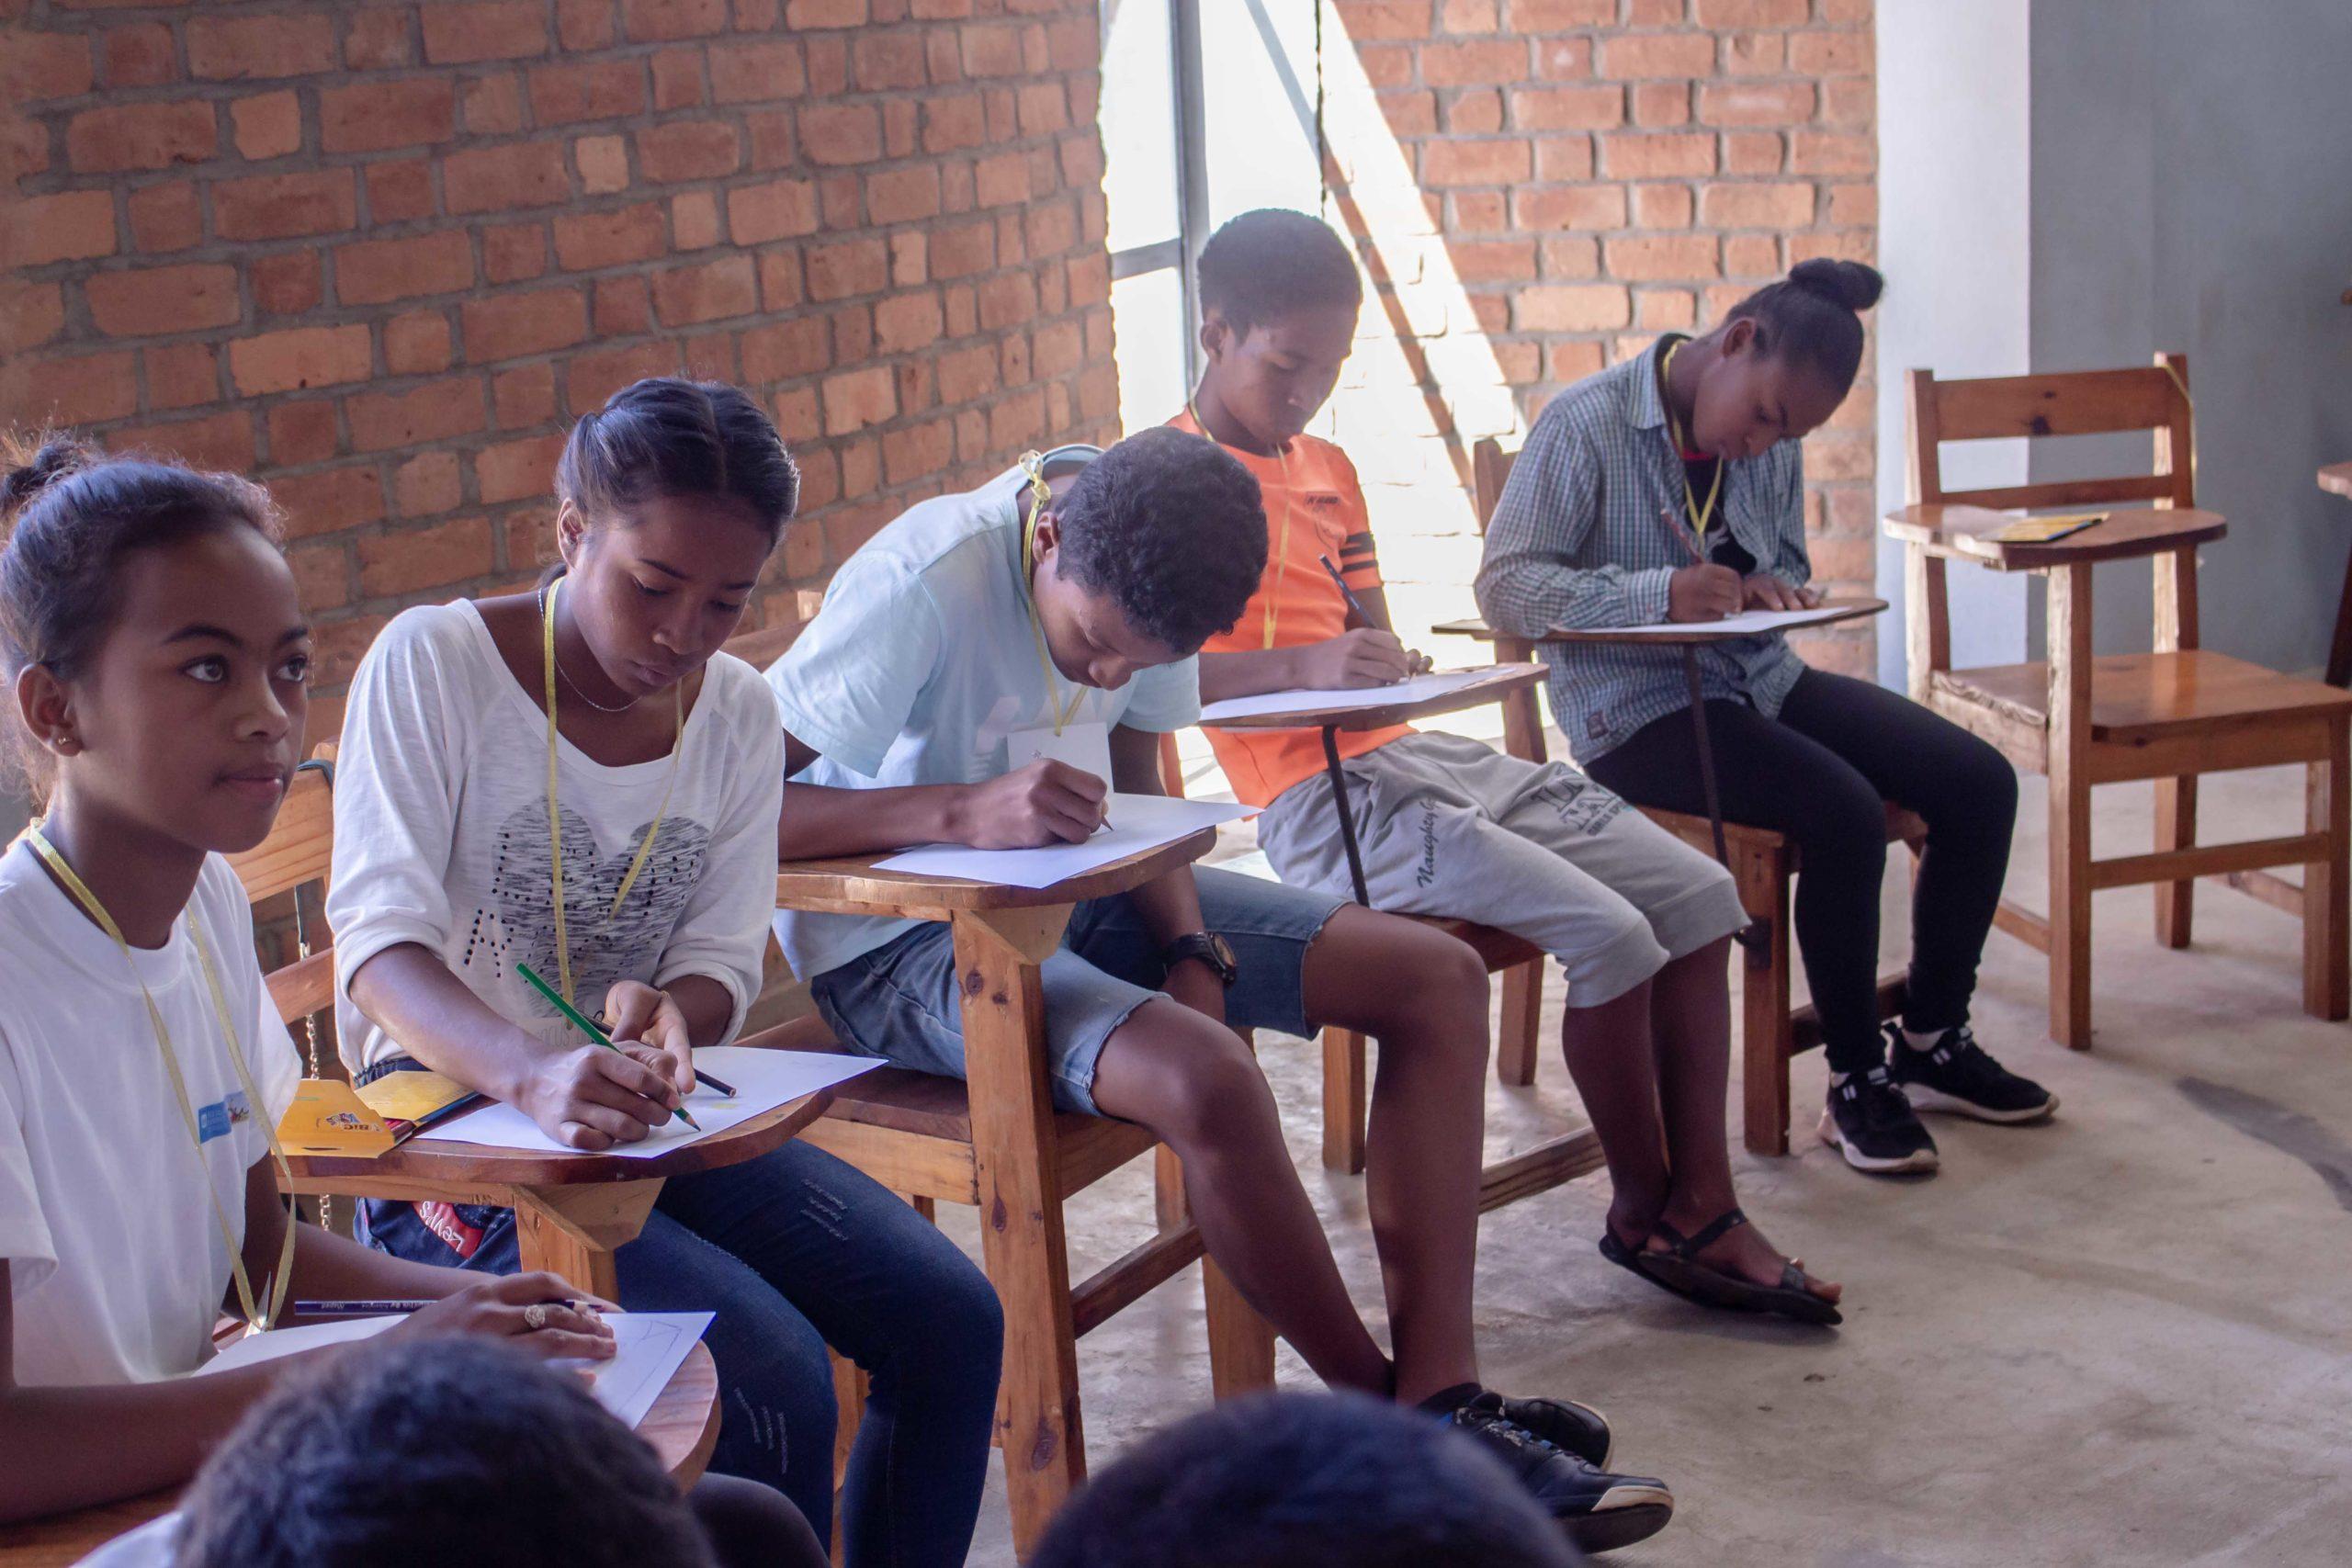 groupe de jeunes dessinant